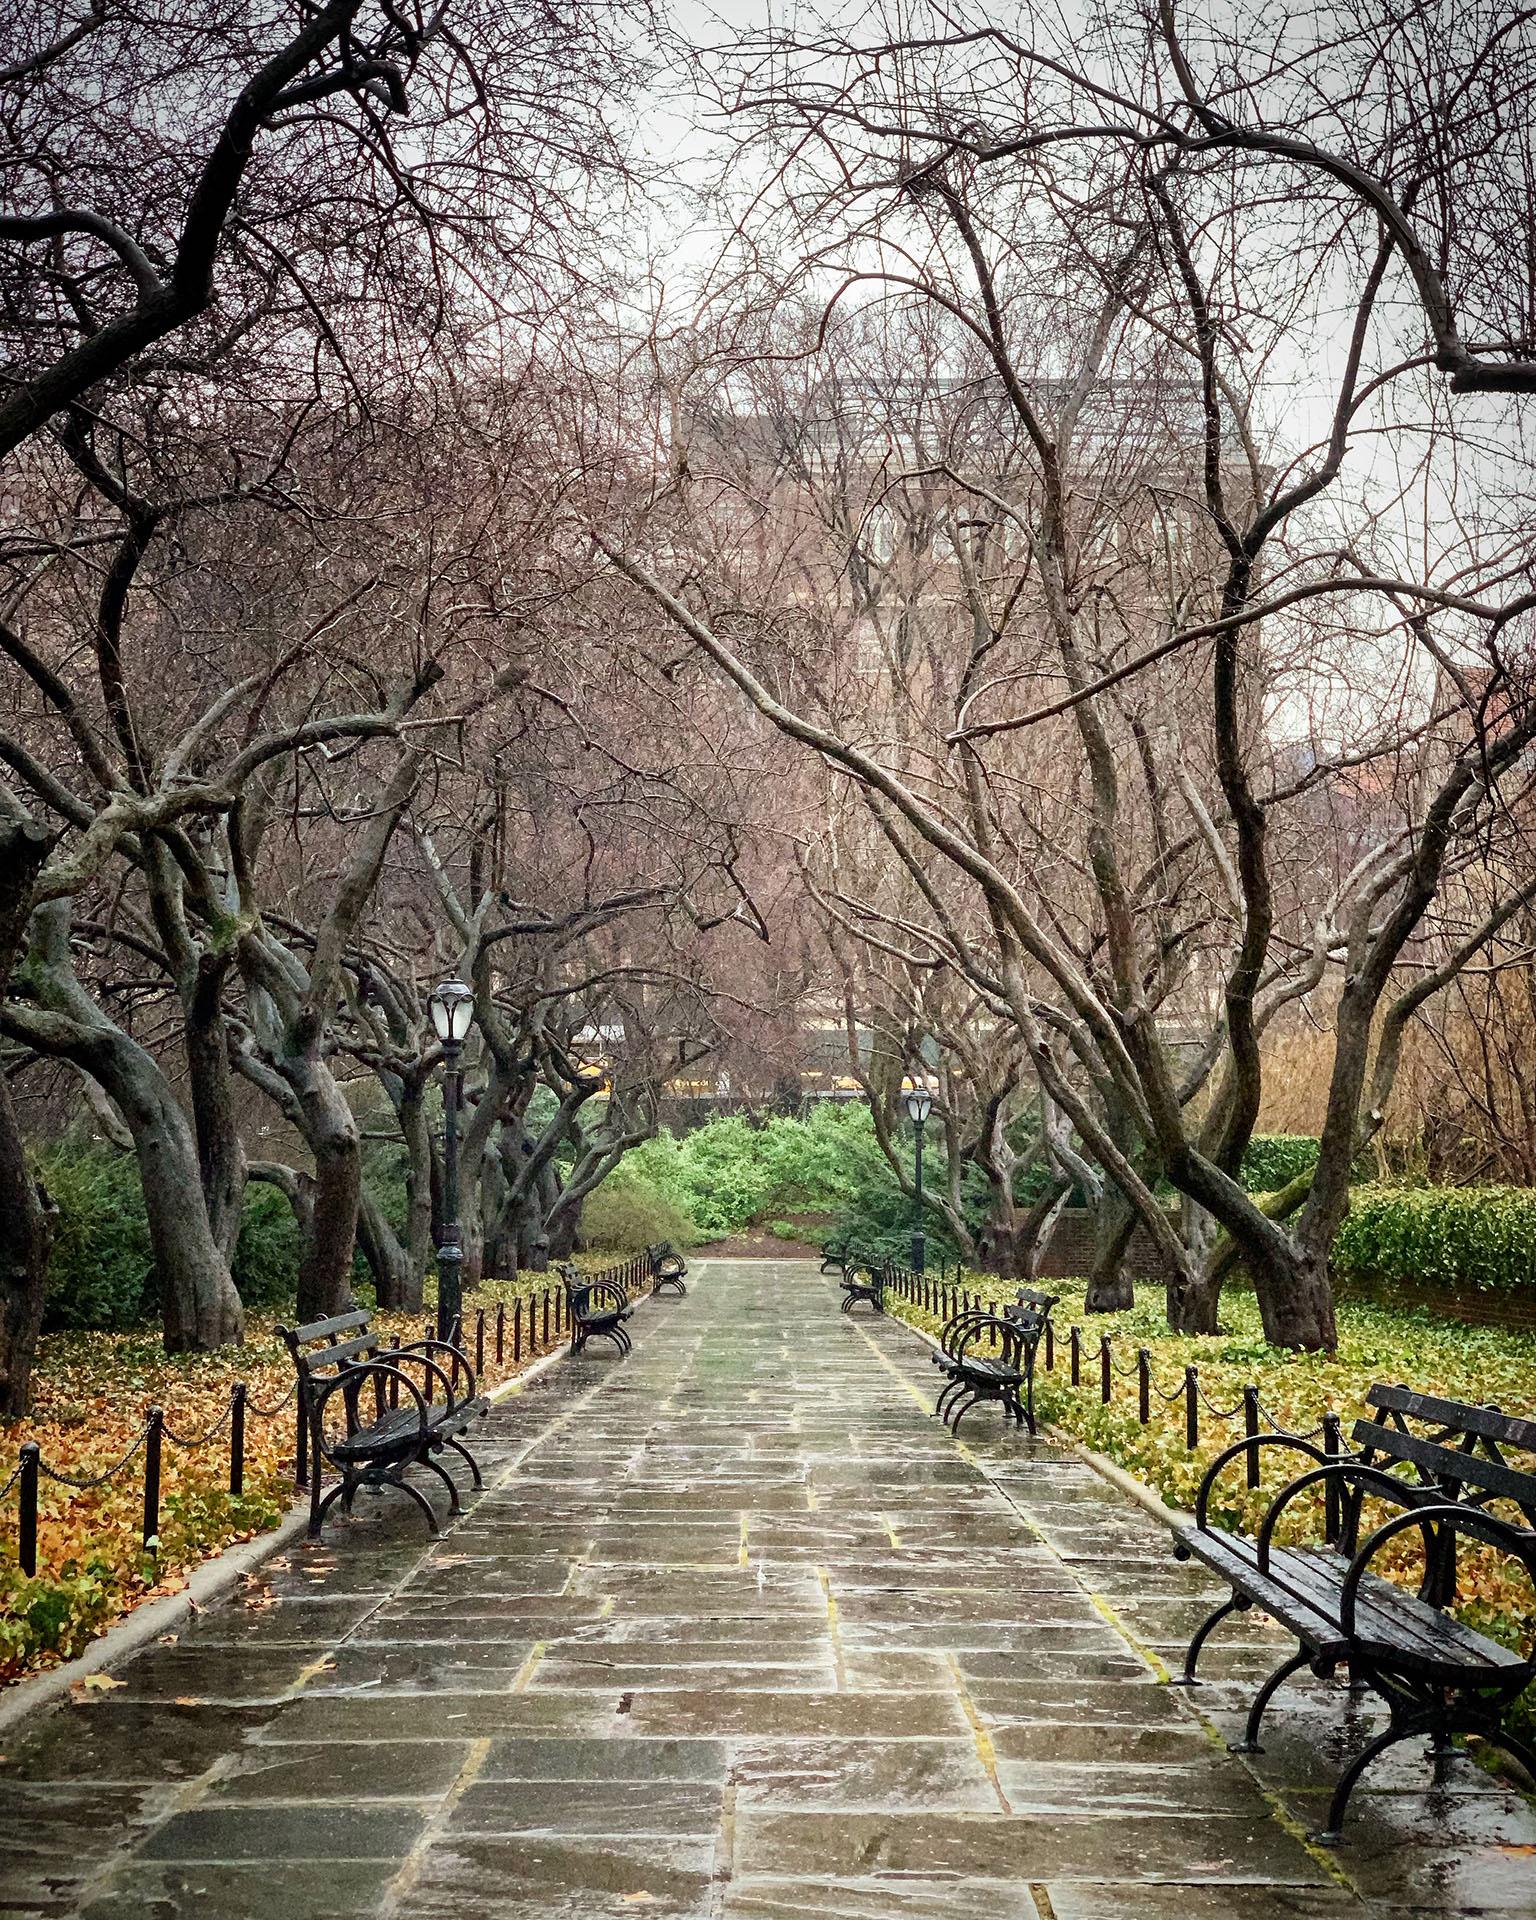 Vladimir Skirda - Central Park Cobble